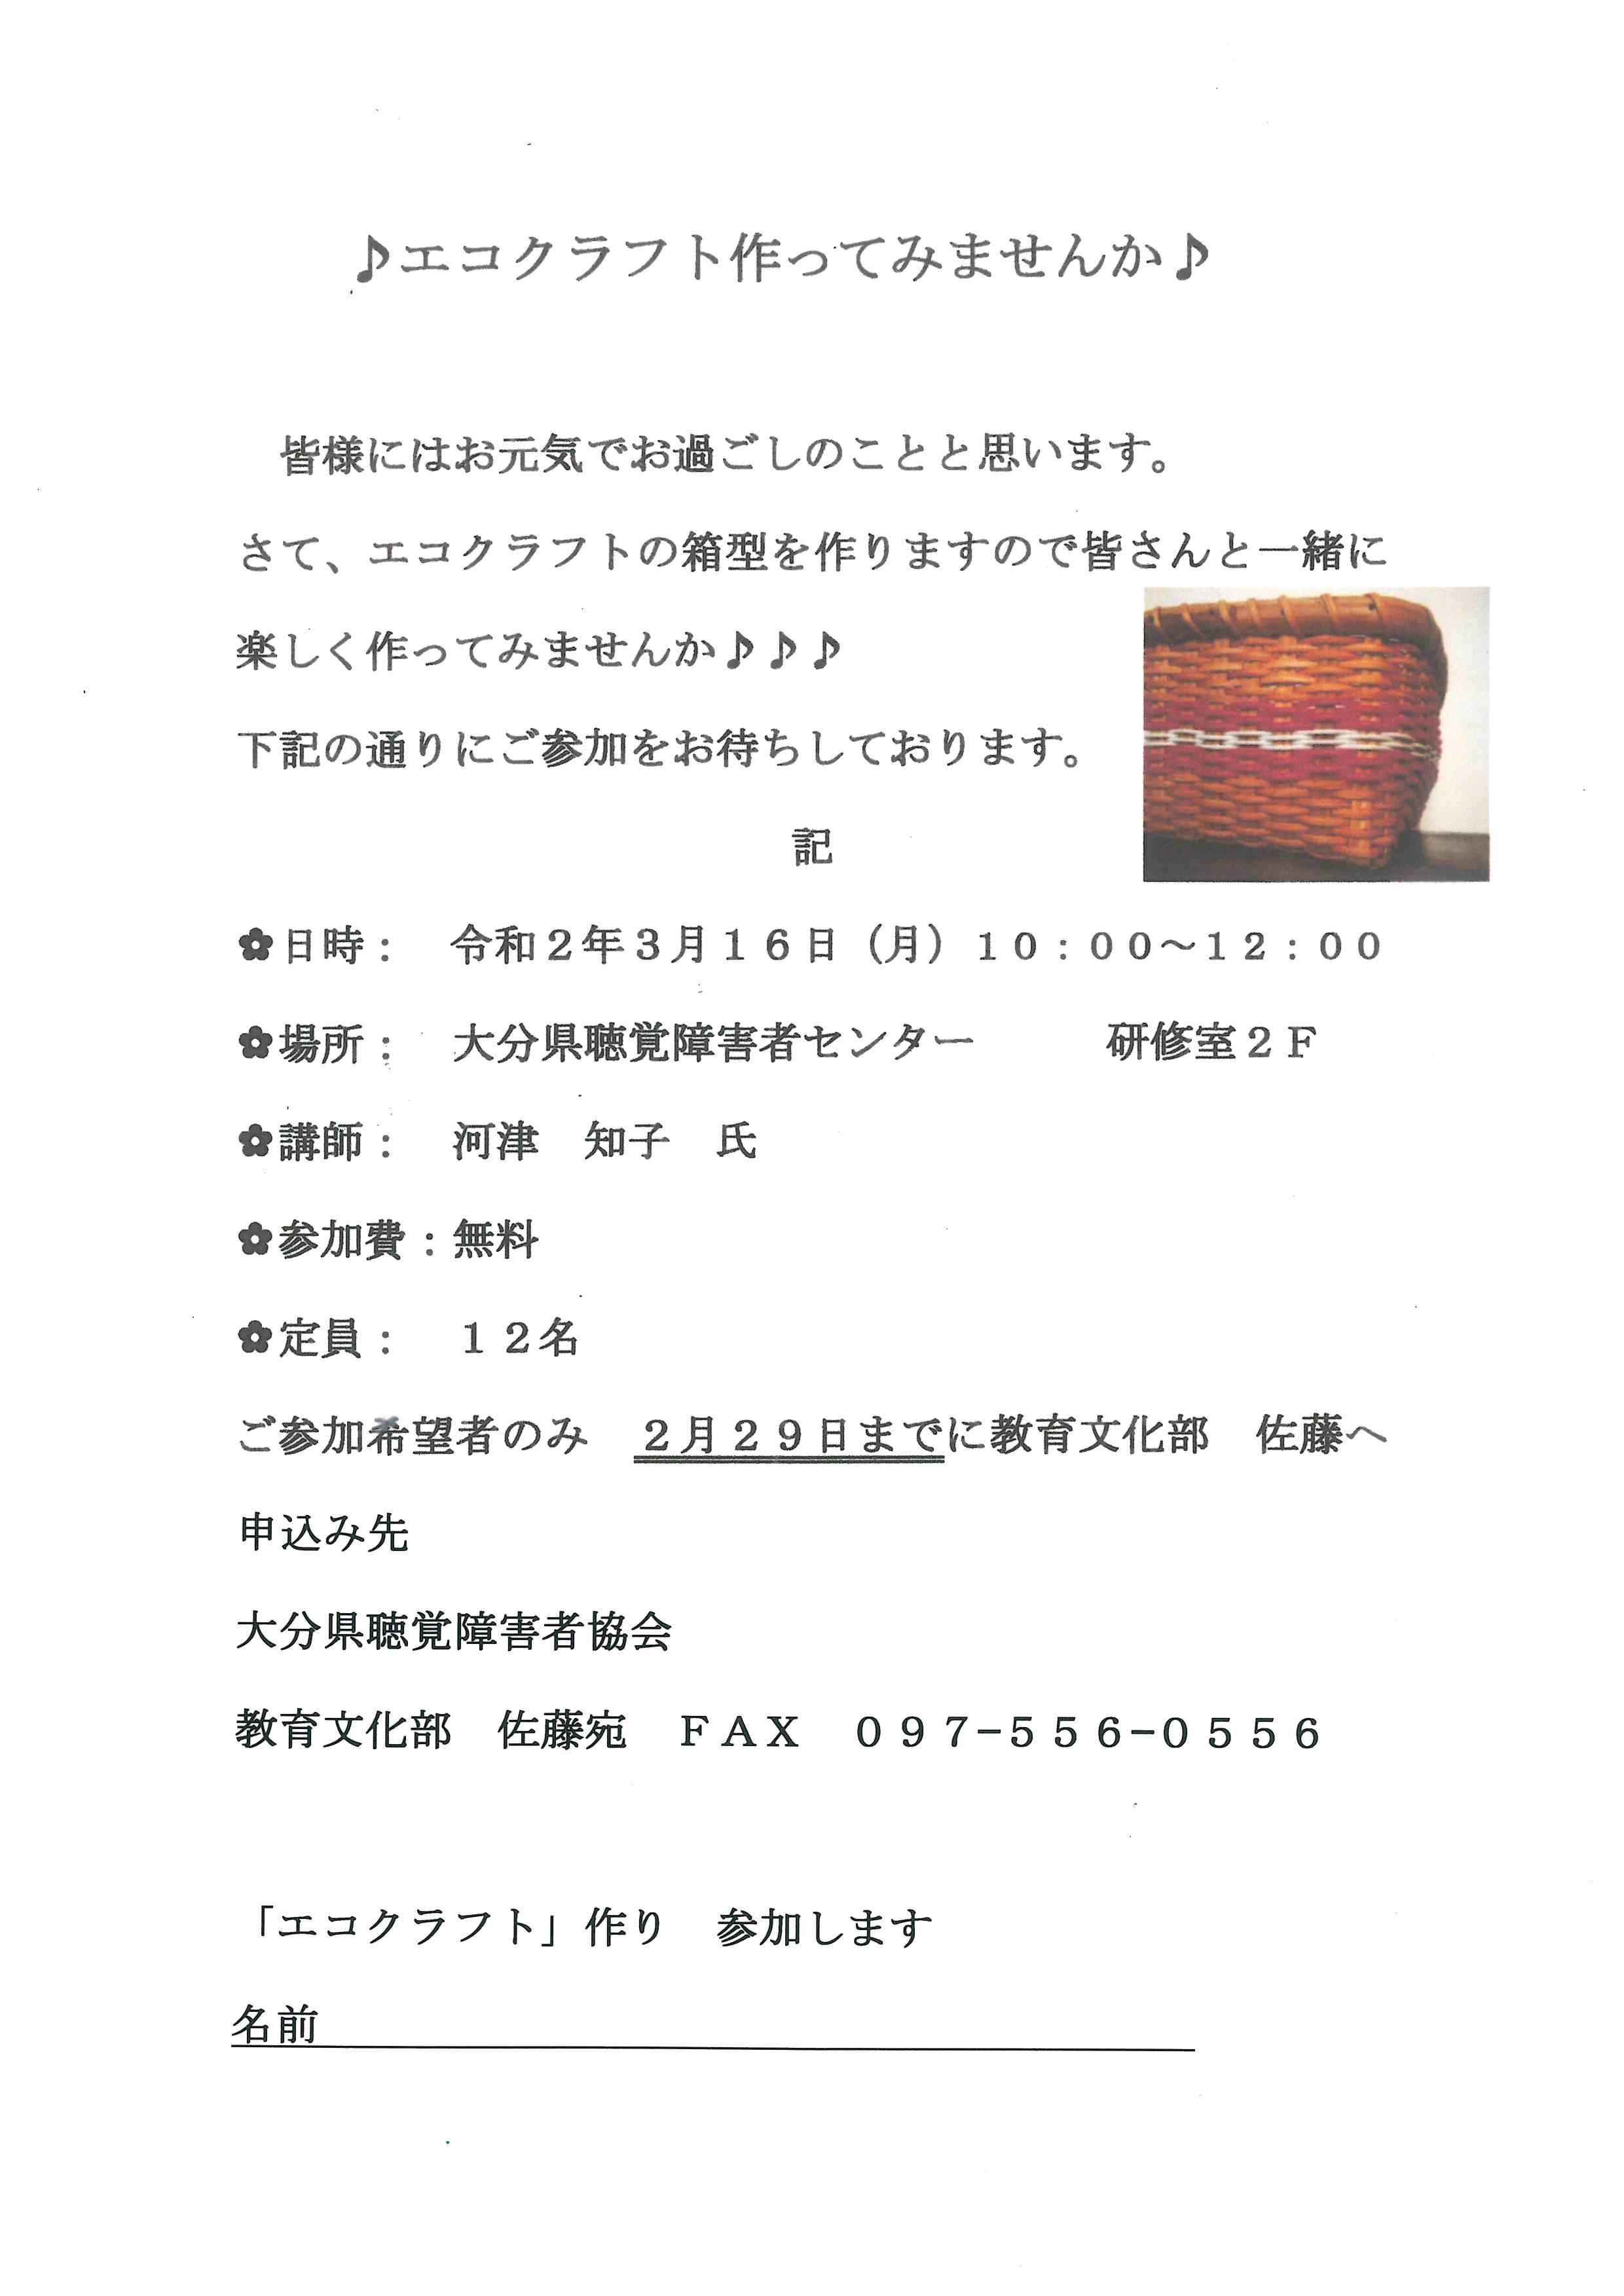 ♬エコクラフト作ってみませんか♬_d0070316_12440282.jpg